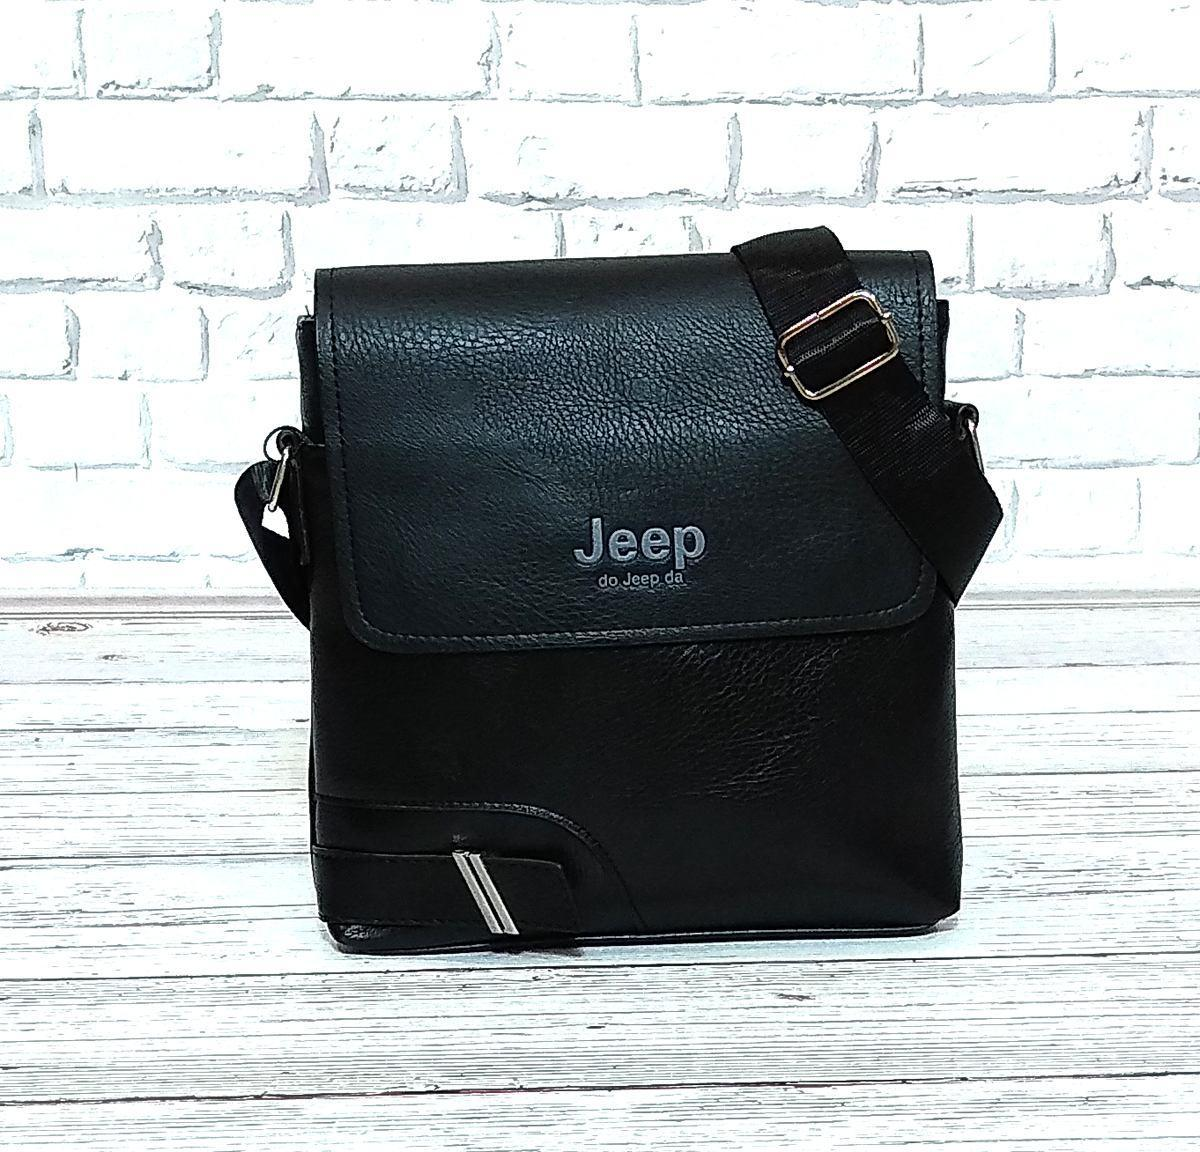 Чоловіча сумка через плече Jeep. Чорна. 25х23х5 Шкіра PU / 559-2 black